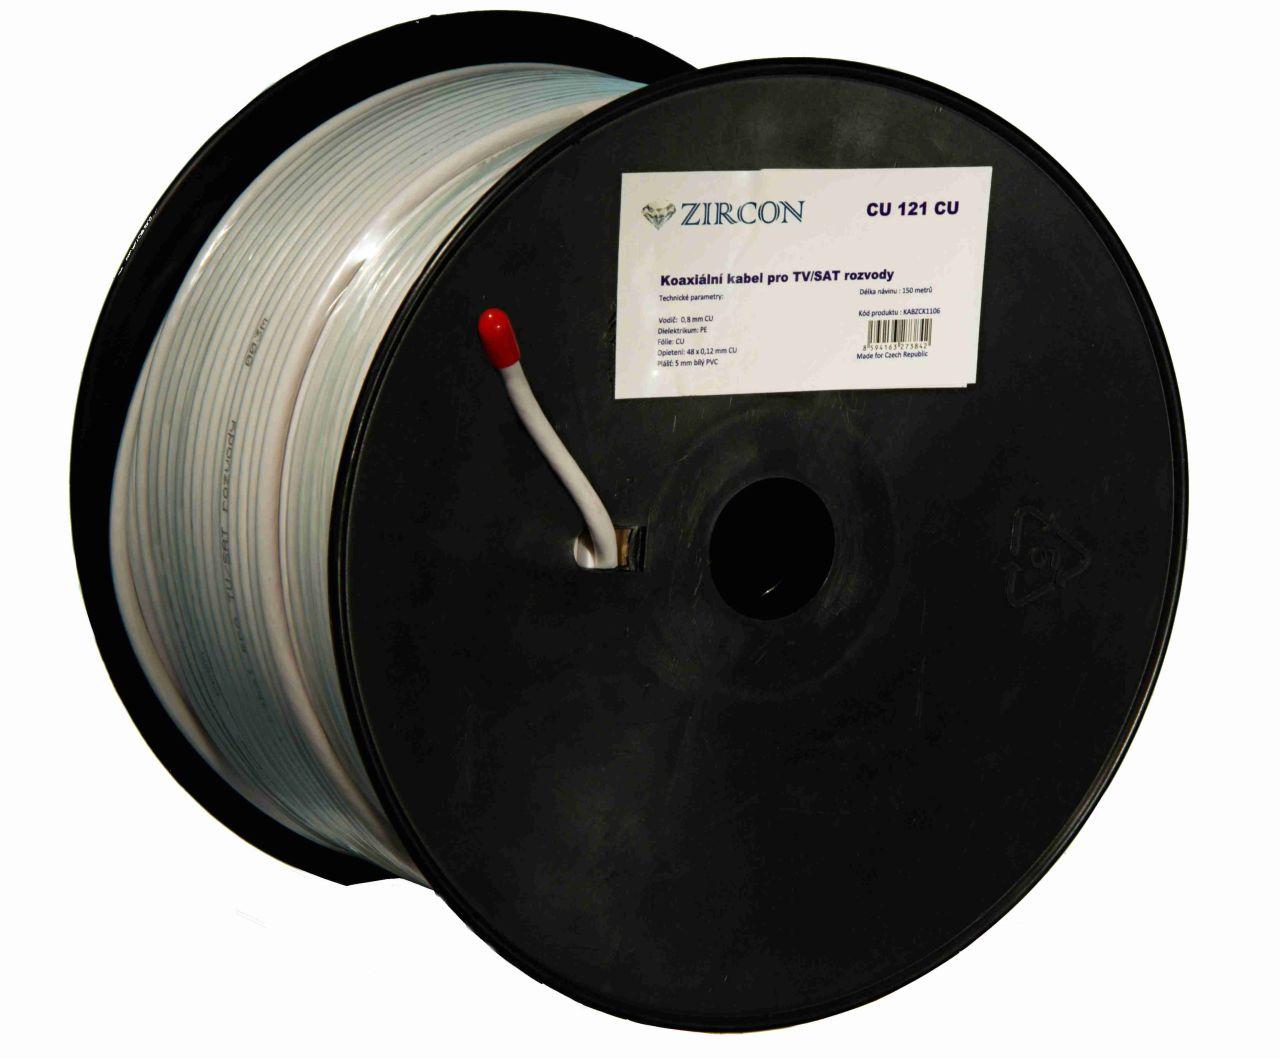 Koaxiální kabel Zircon CU 121 CU - návin 150 m